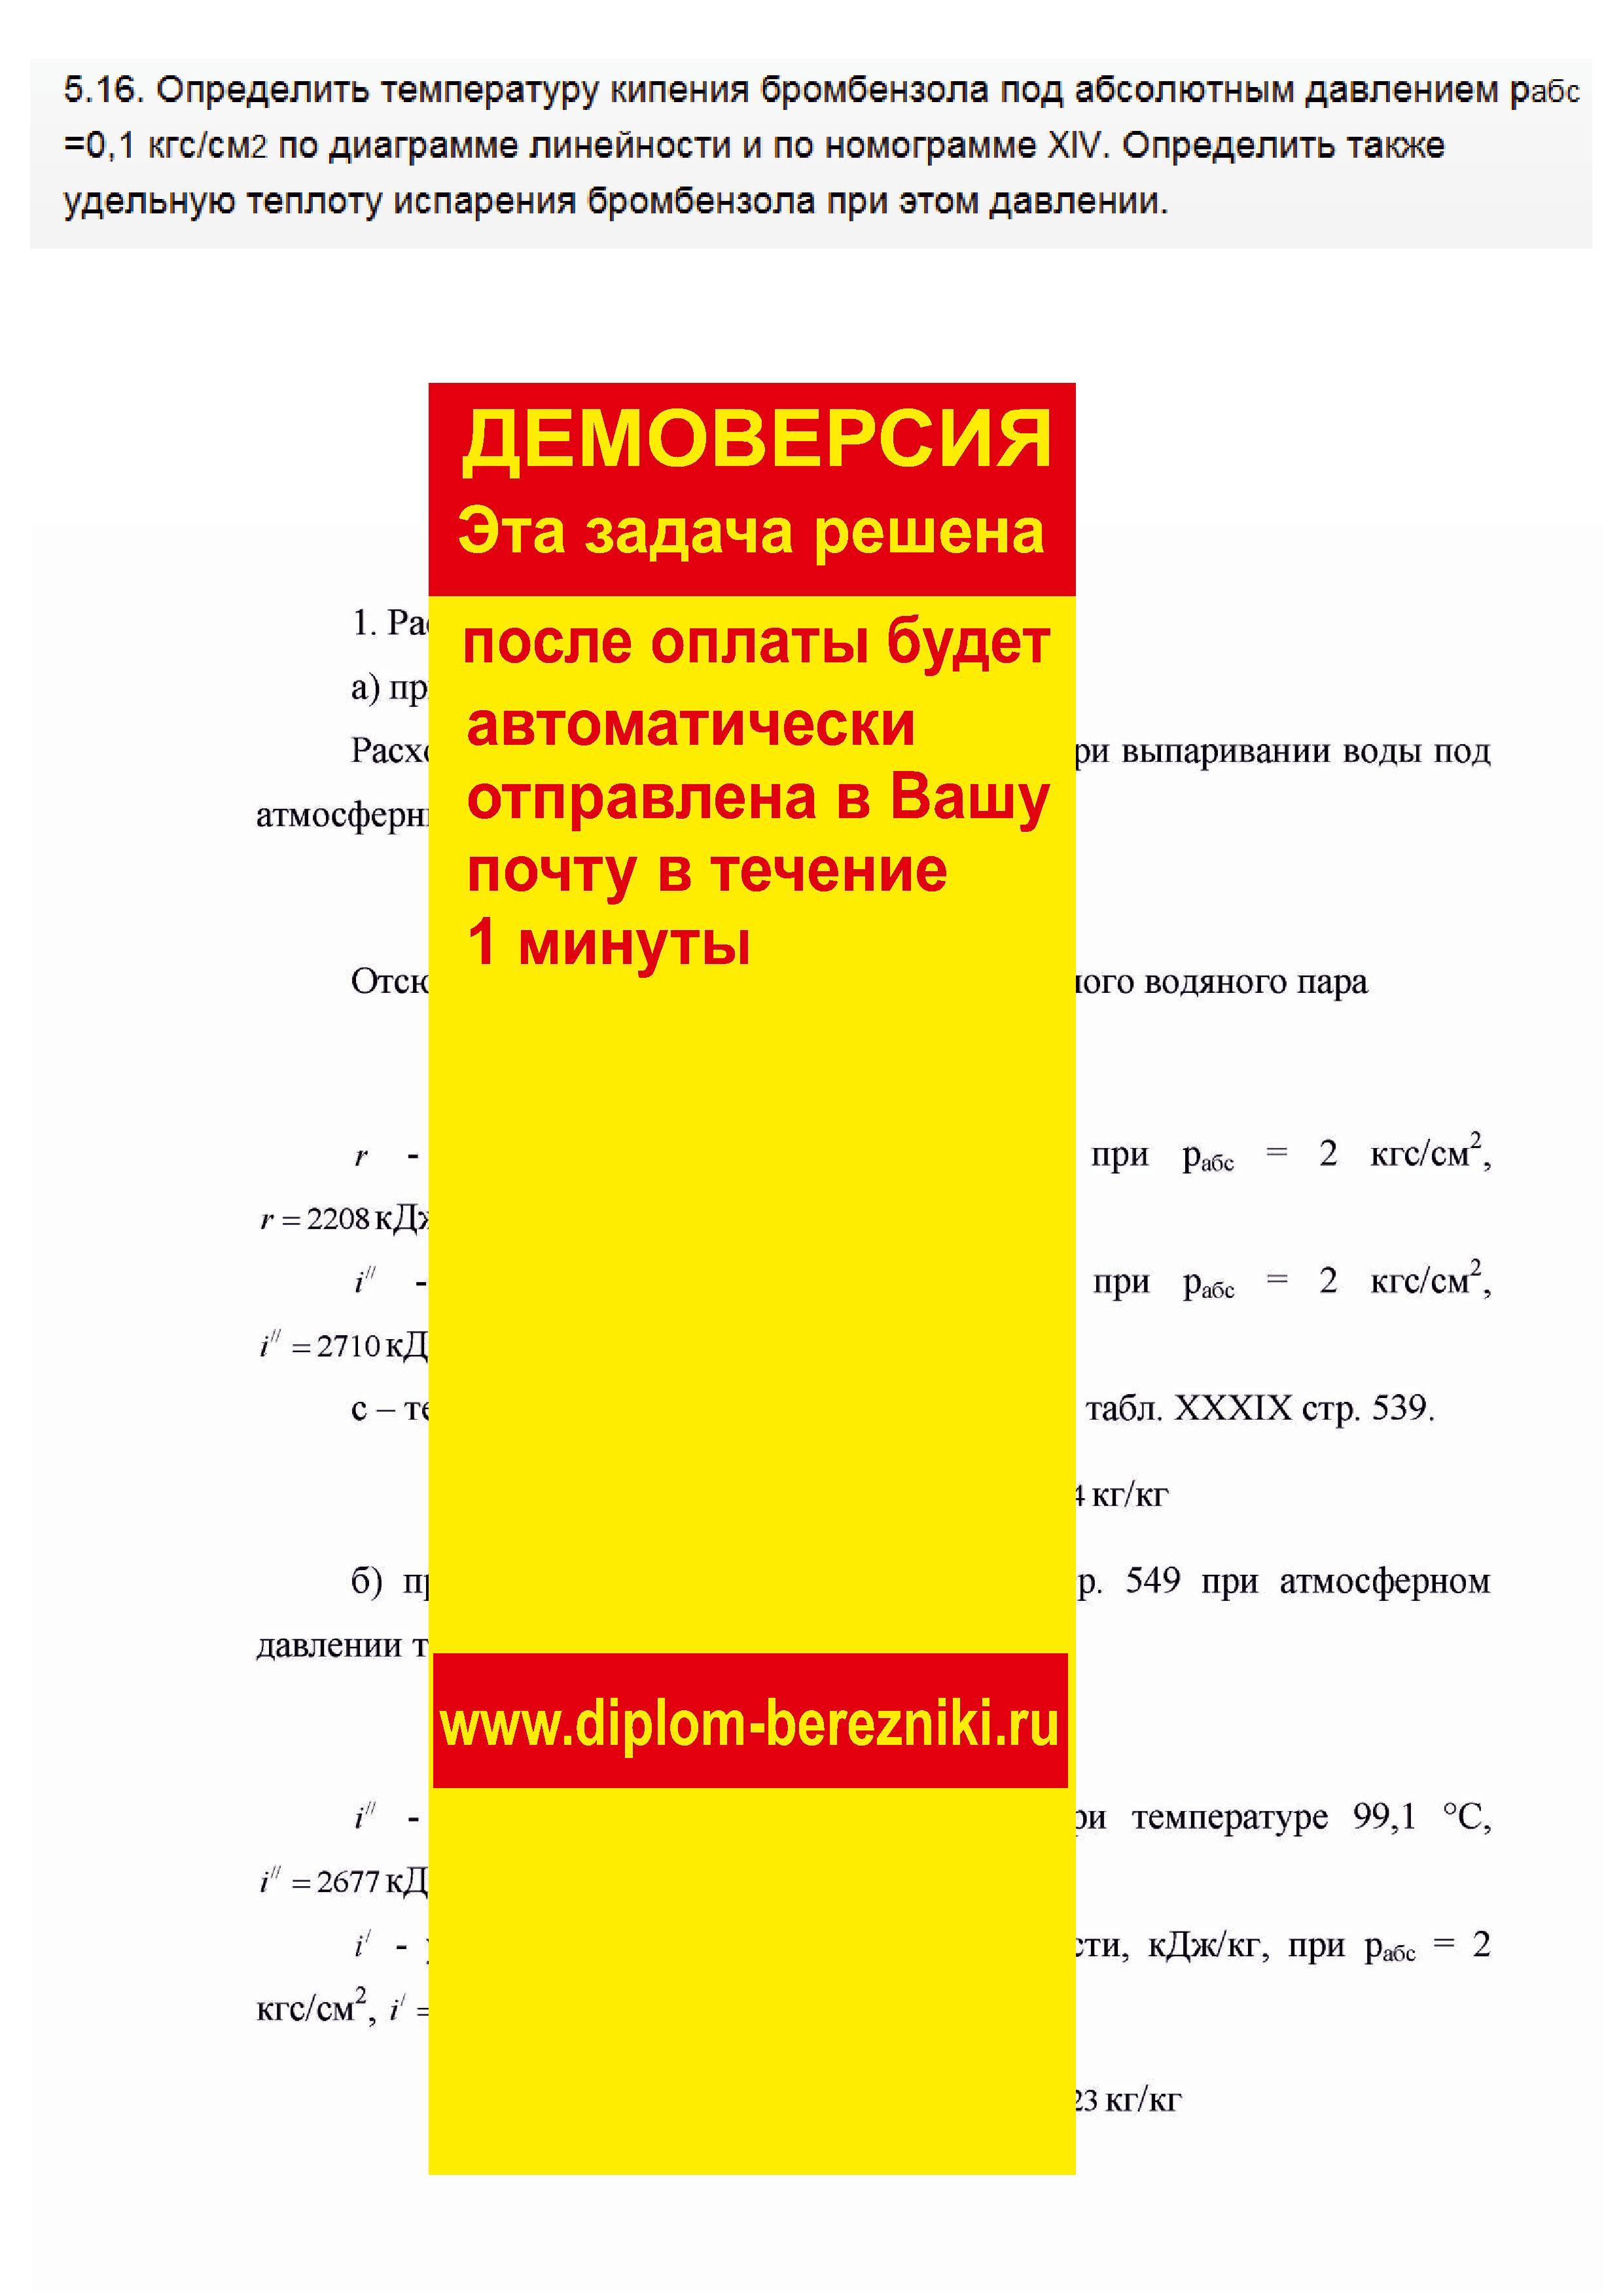 Решение задачи 5.16 по ПАХТ из задачника Павлова Романкова Носкова